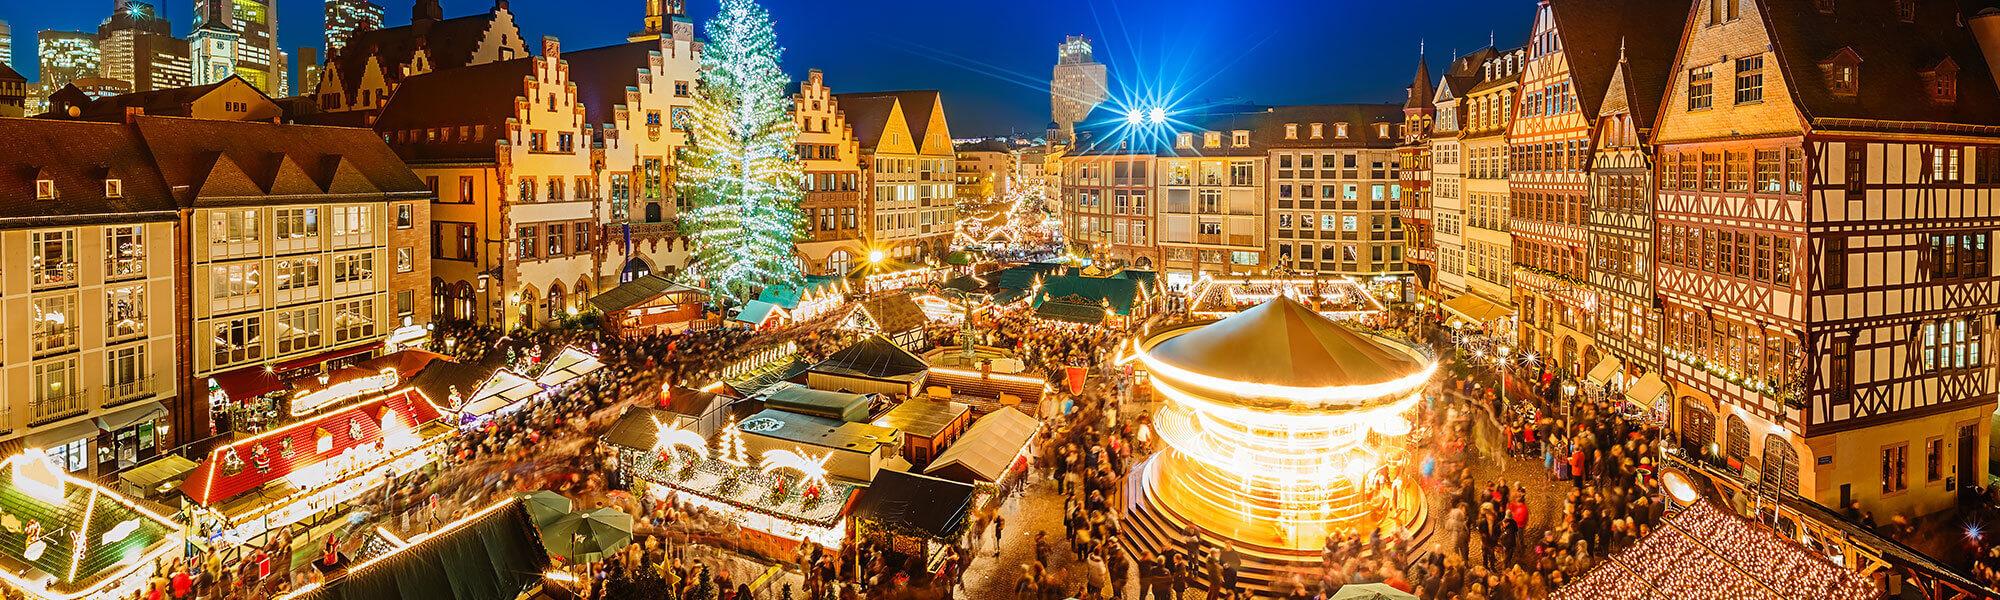 Weihnachtsmarkt interessante Fakten & Daten - Adventreisen